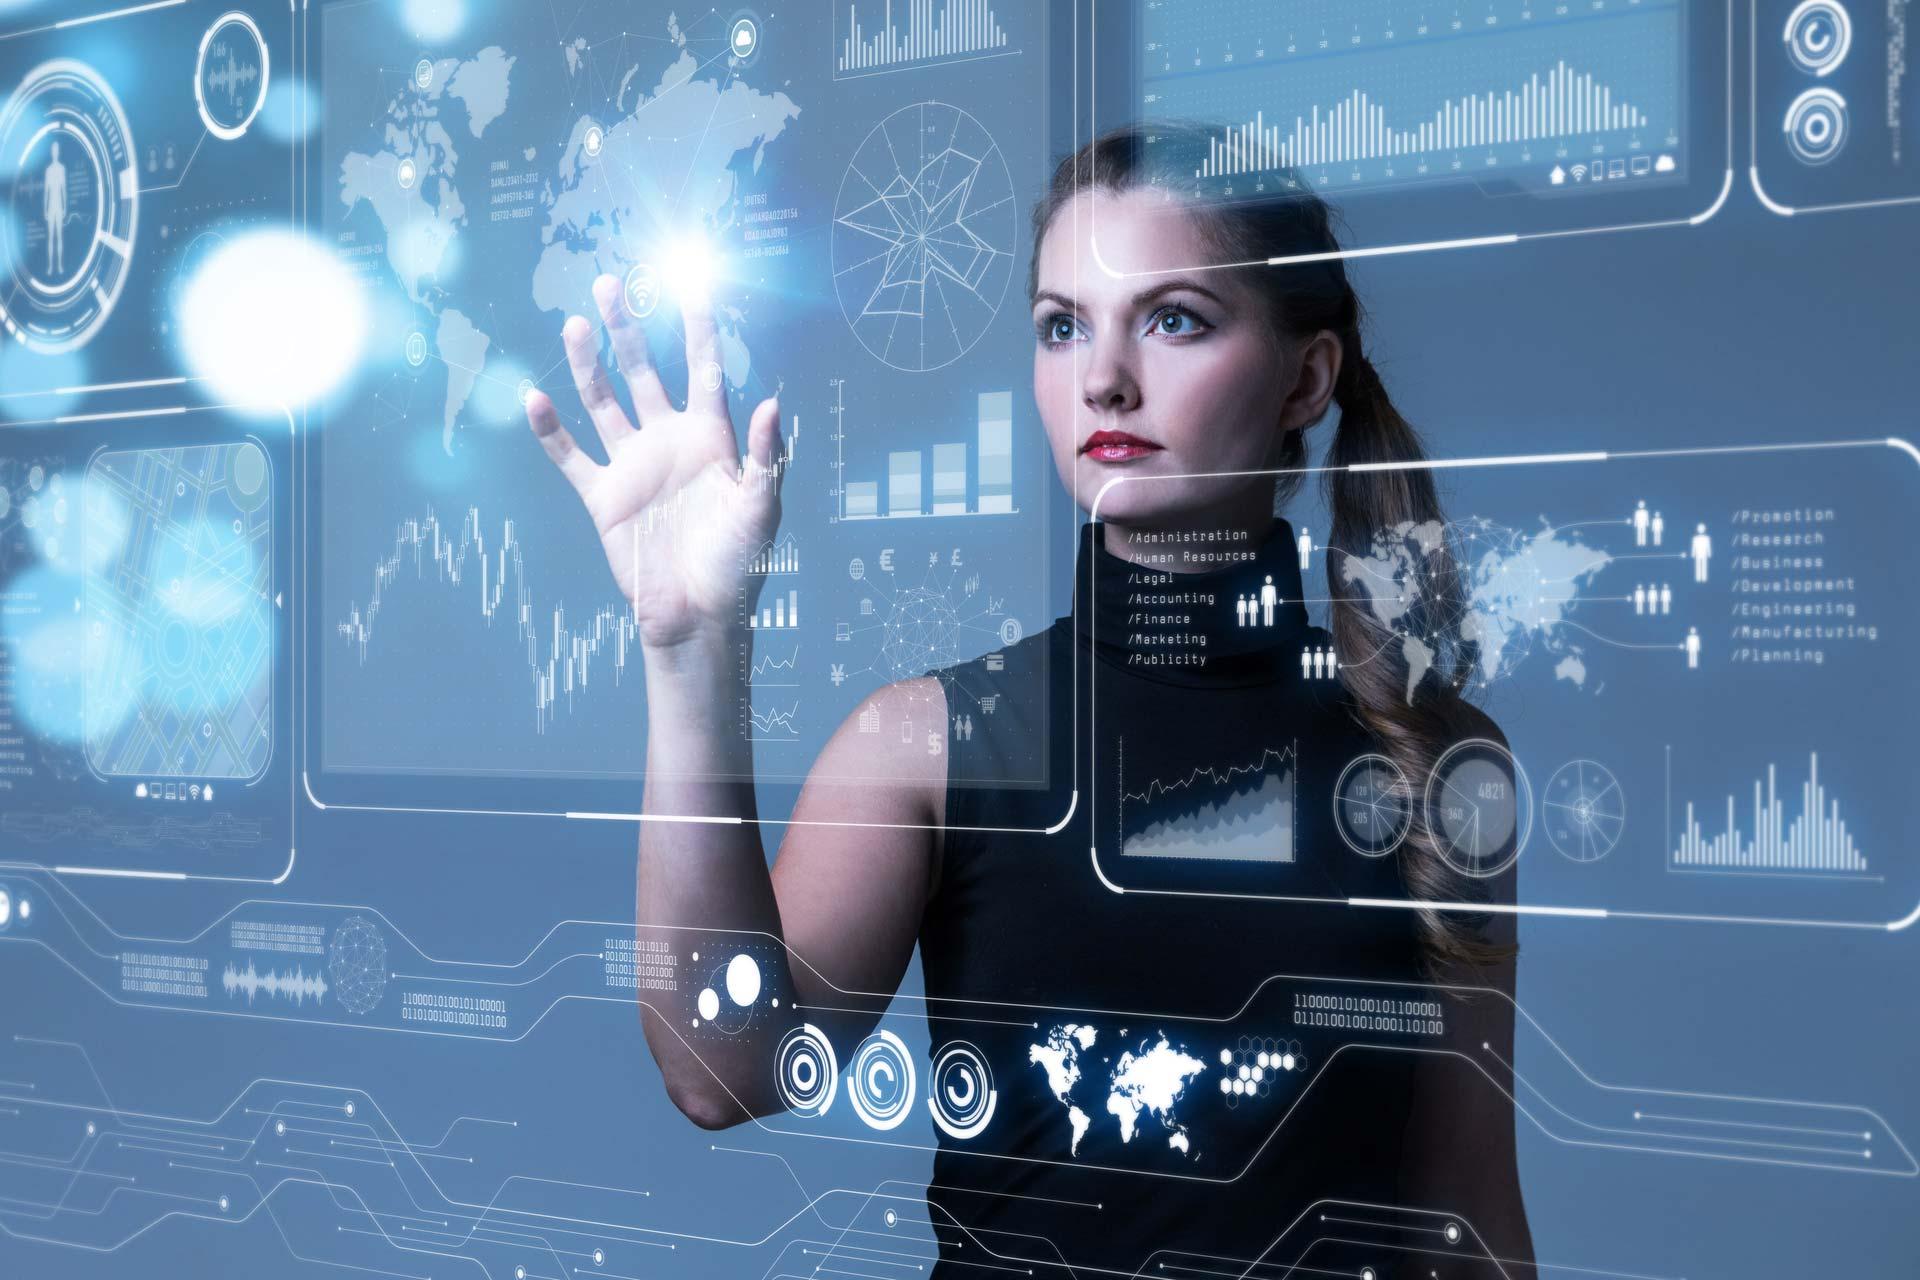 ¿Qué necesita una empresa para tener éxito en el nuevo contexto digital?